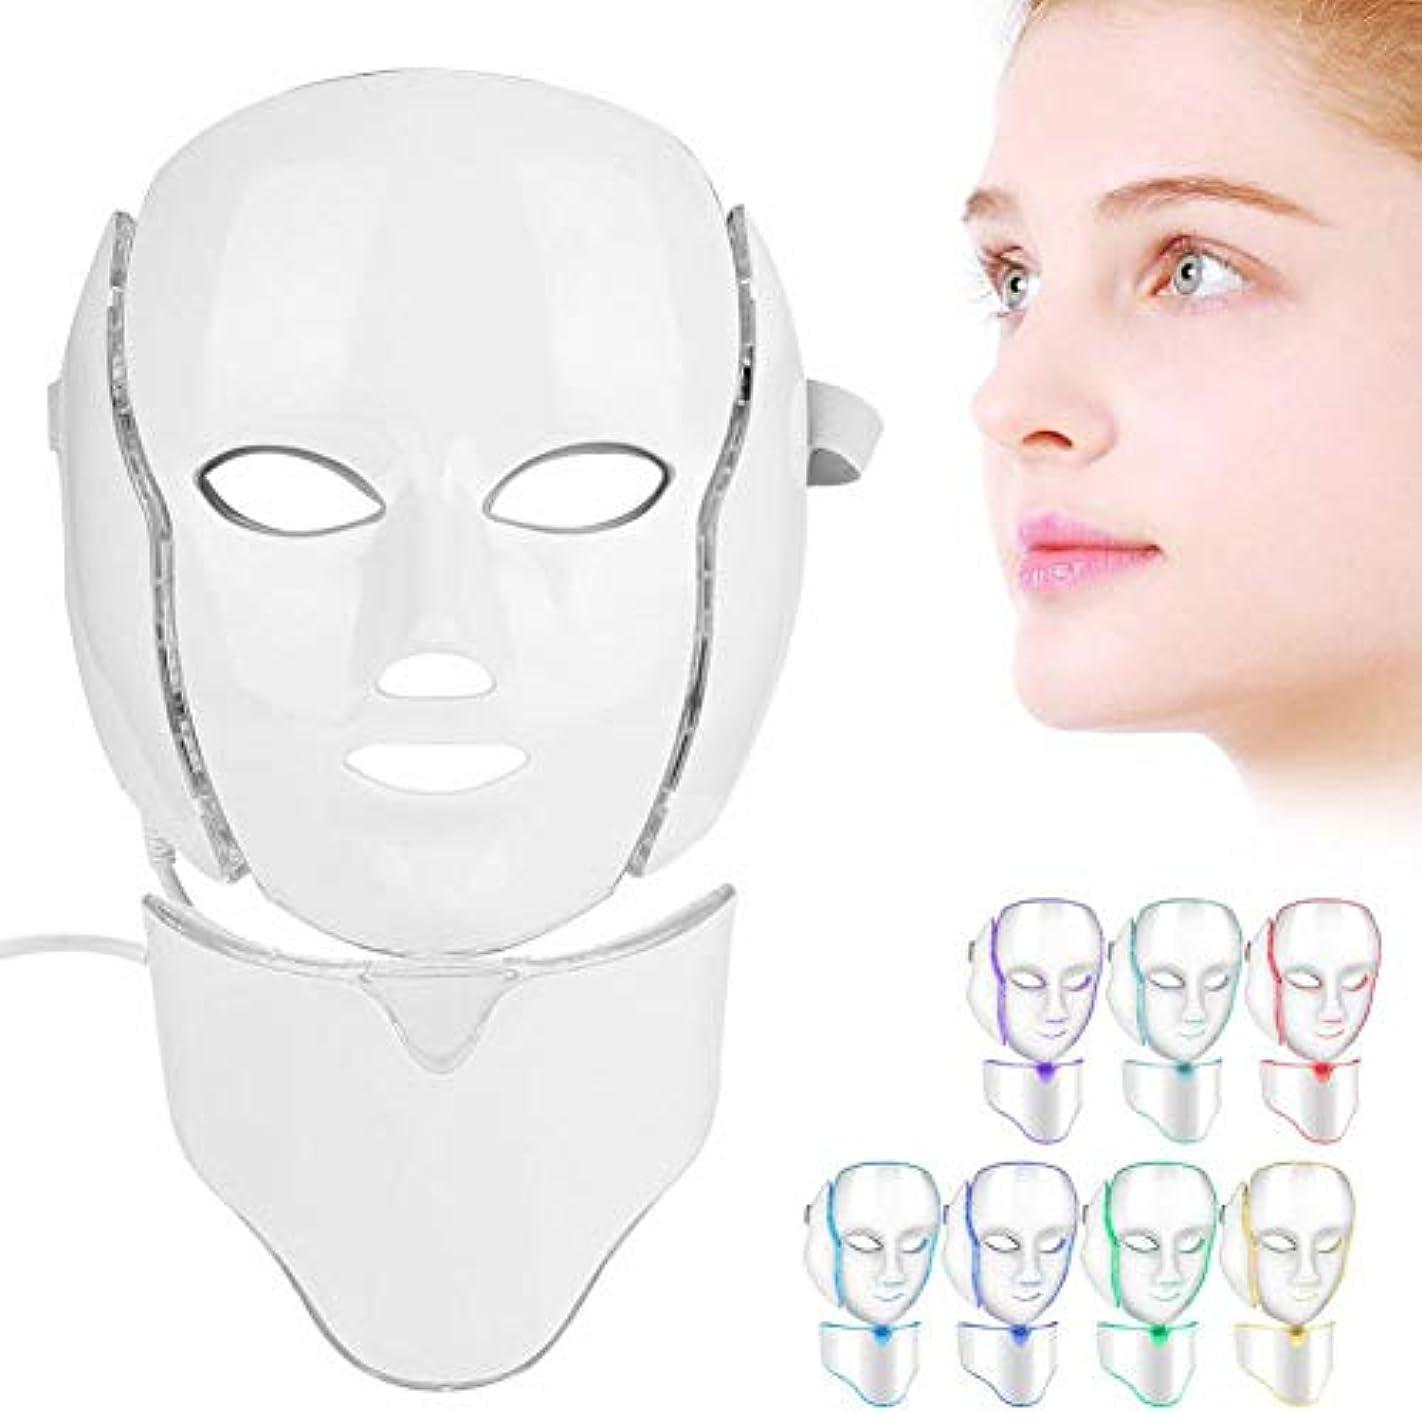 レバースタウトはい首、軽い皮の若返り療法の顔のスキンケアのマスクが付いているLED 7色の軽い療法のマスク